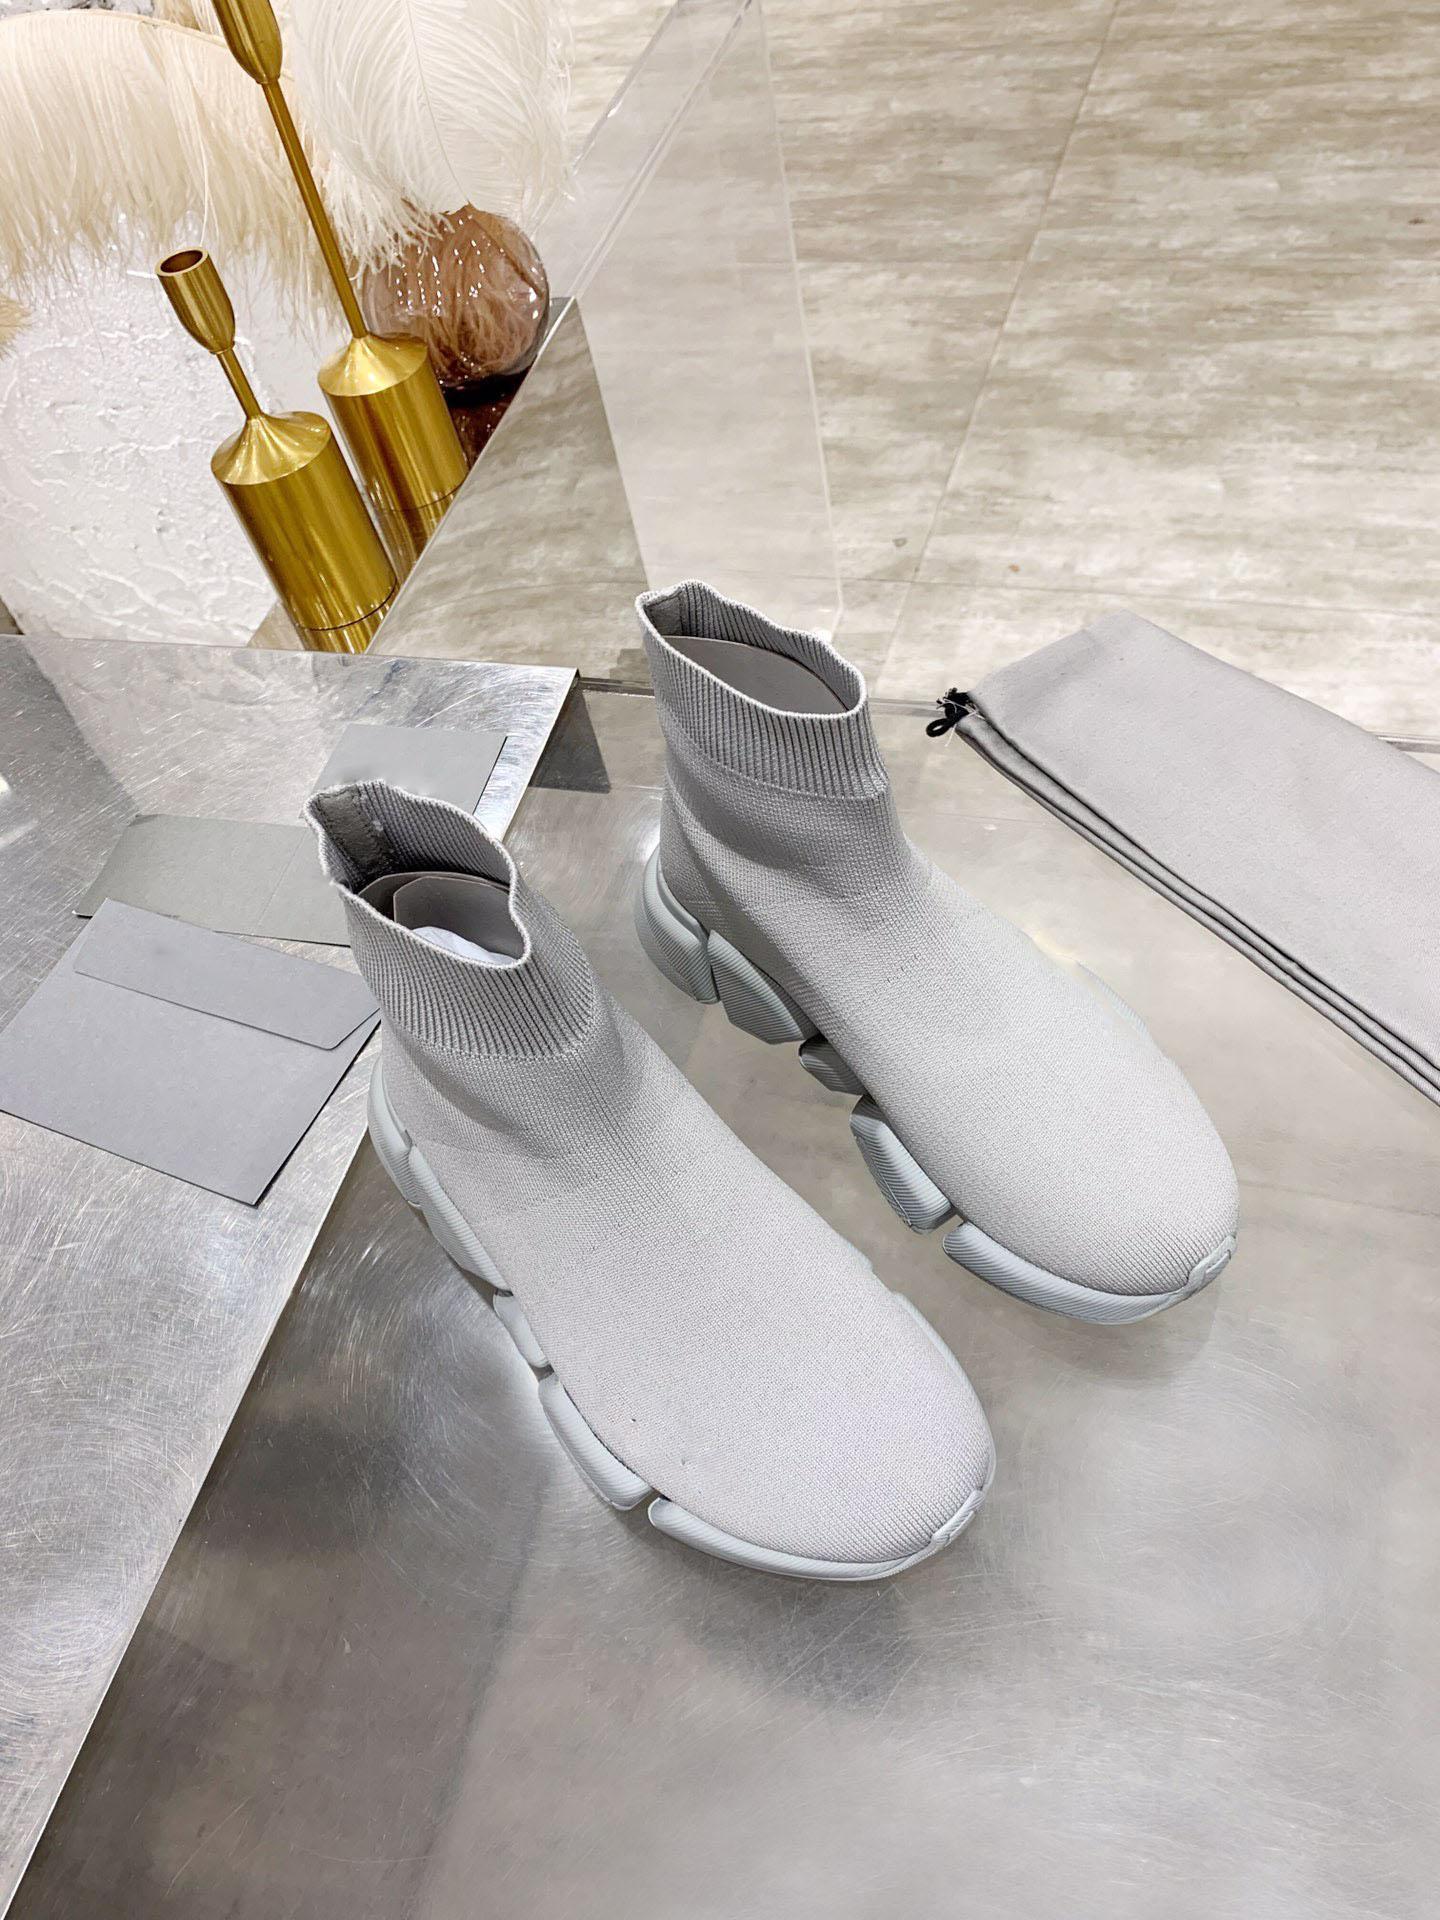 2021 Casual flats for women sock shoes men women sneakers high top mens fashion trainer casual tennis shoe